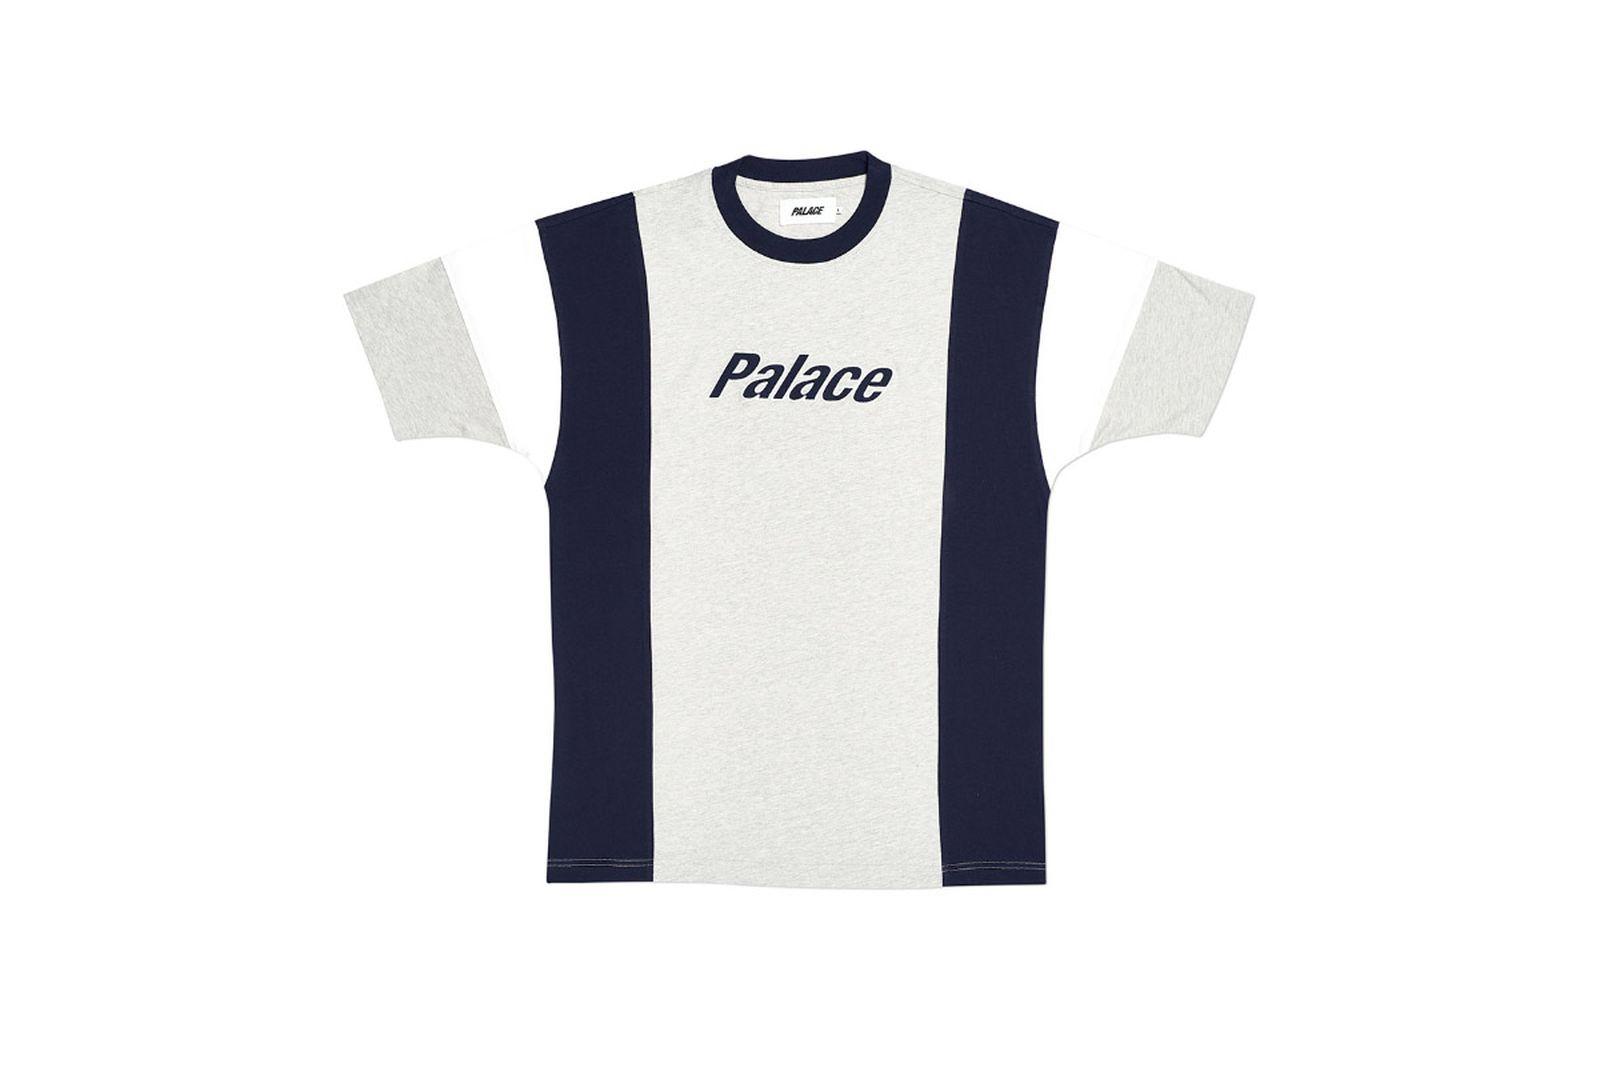 Palace 2019 Autumn T Shirt Duo Panel Navy Grey Front